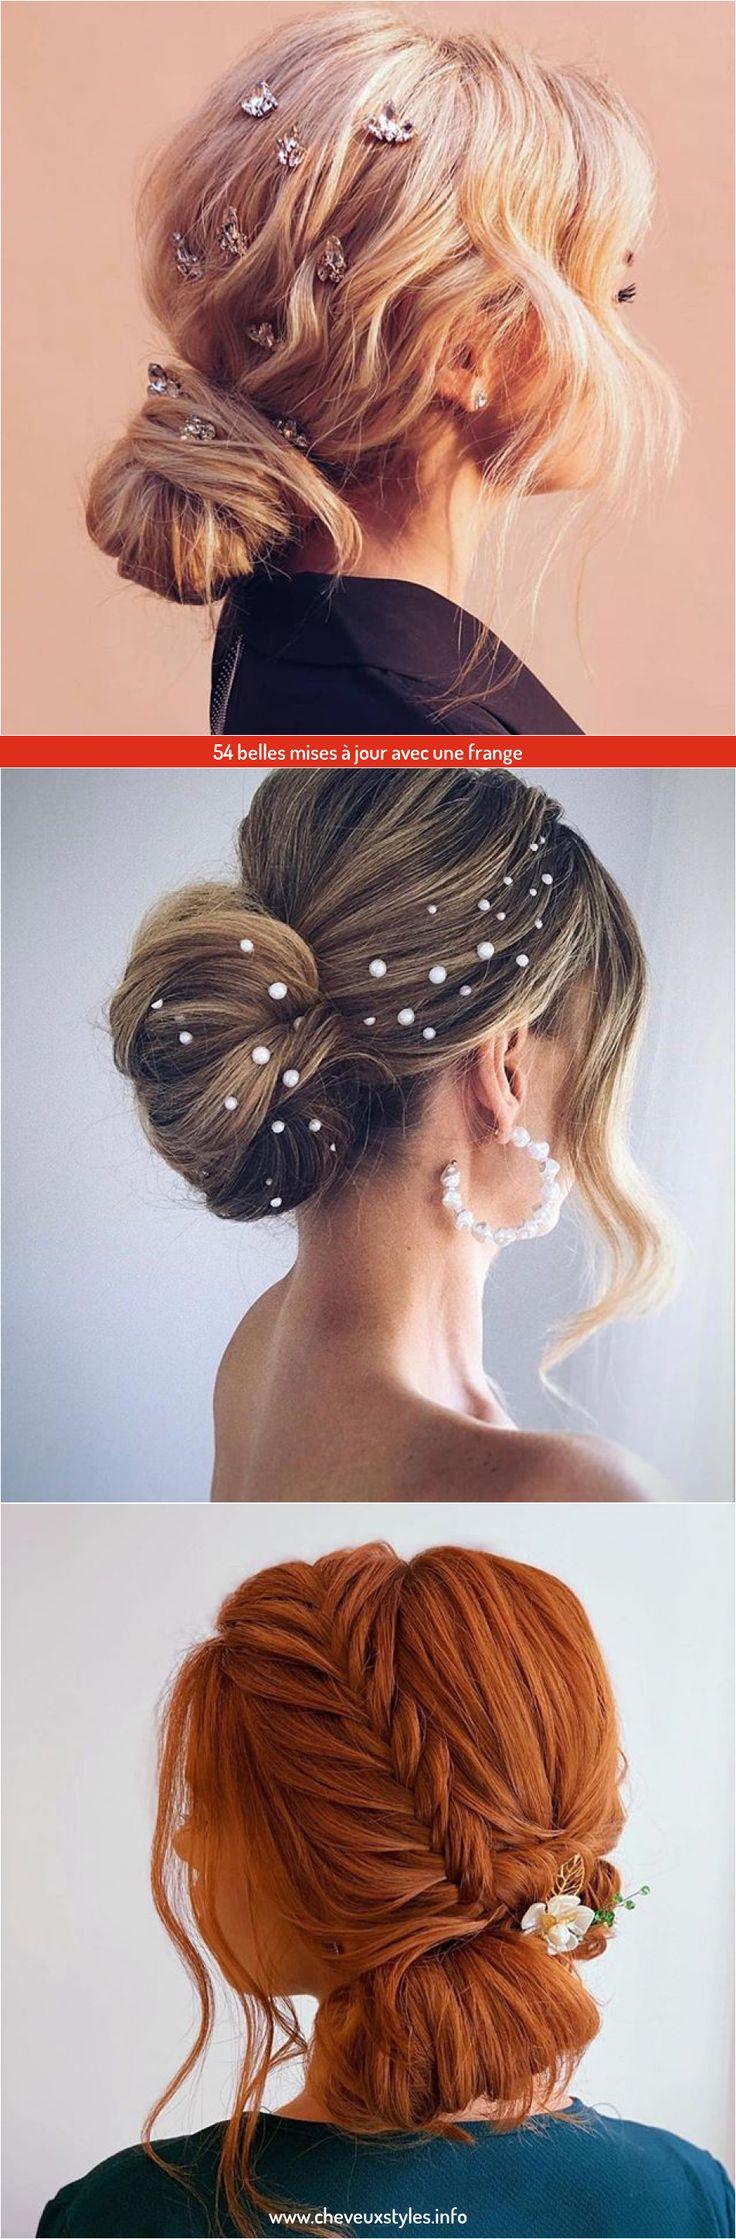 54 belles mises à jour avec une frange en 2020 | Style de cheveux, Chignons avec frange, Frange